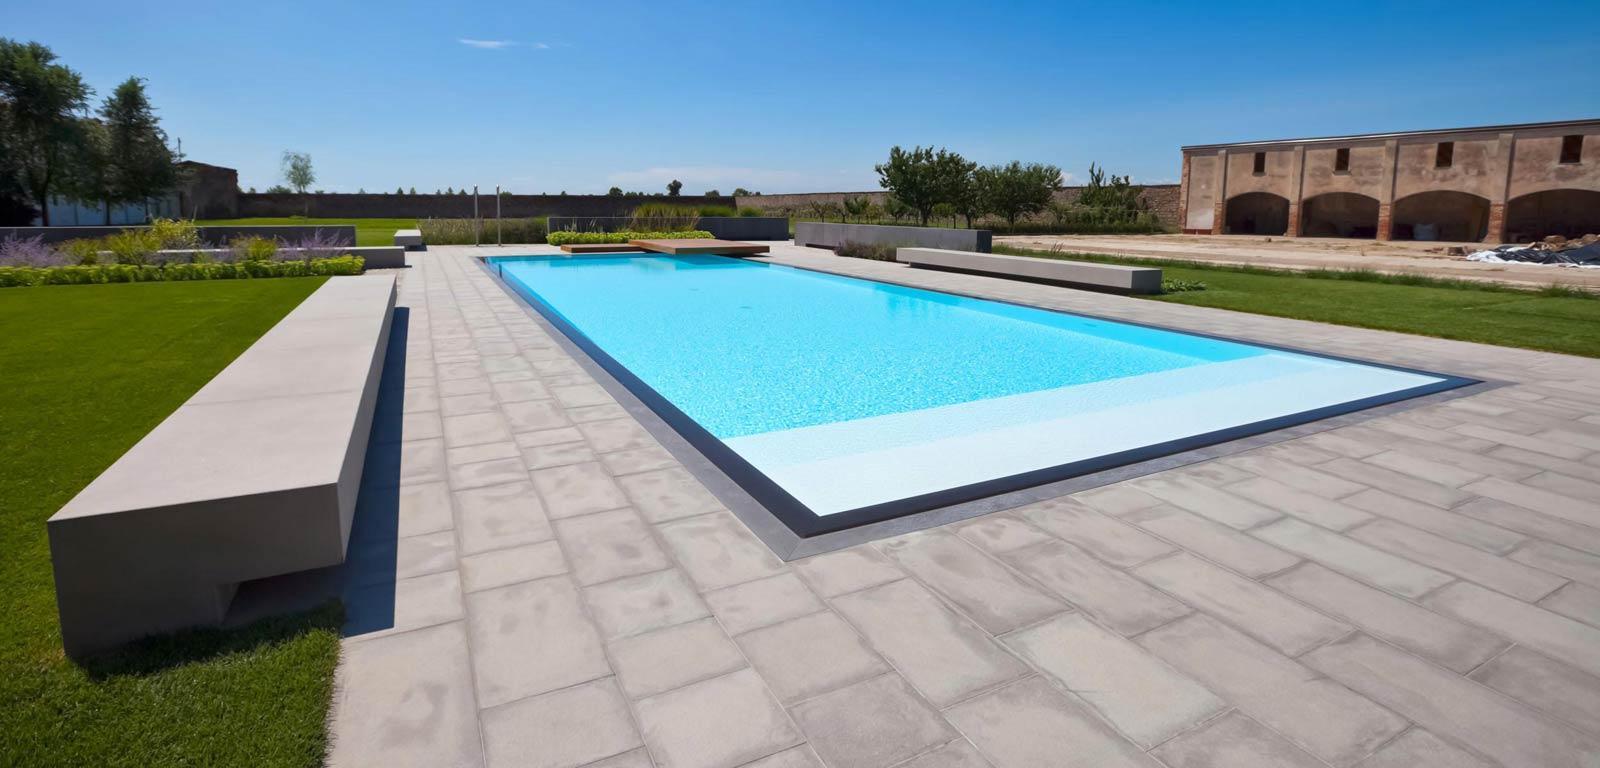 Piscine luxury la piscina esclusiva di lusso piscine for Castiglione piscine